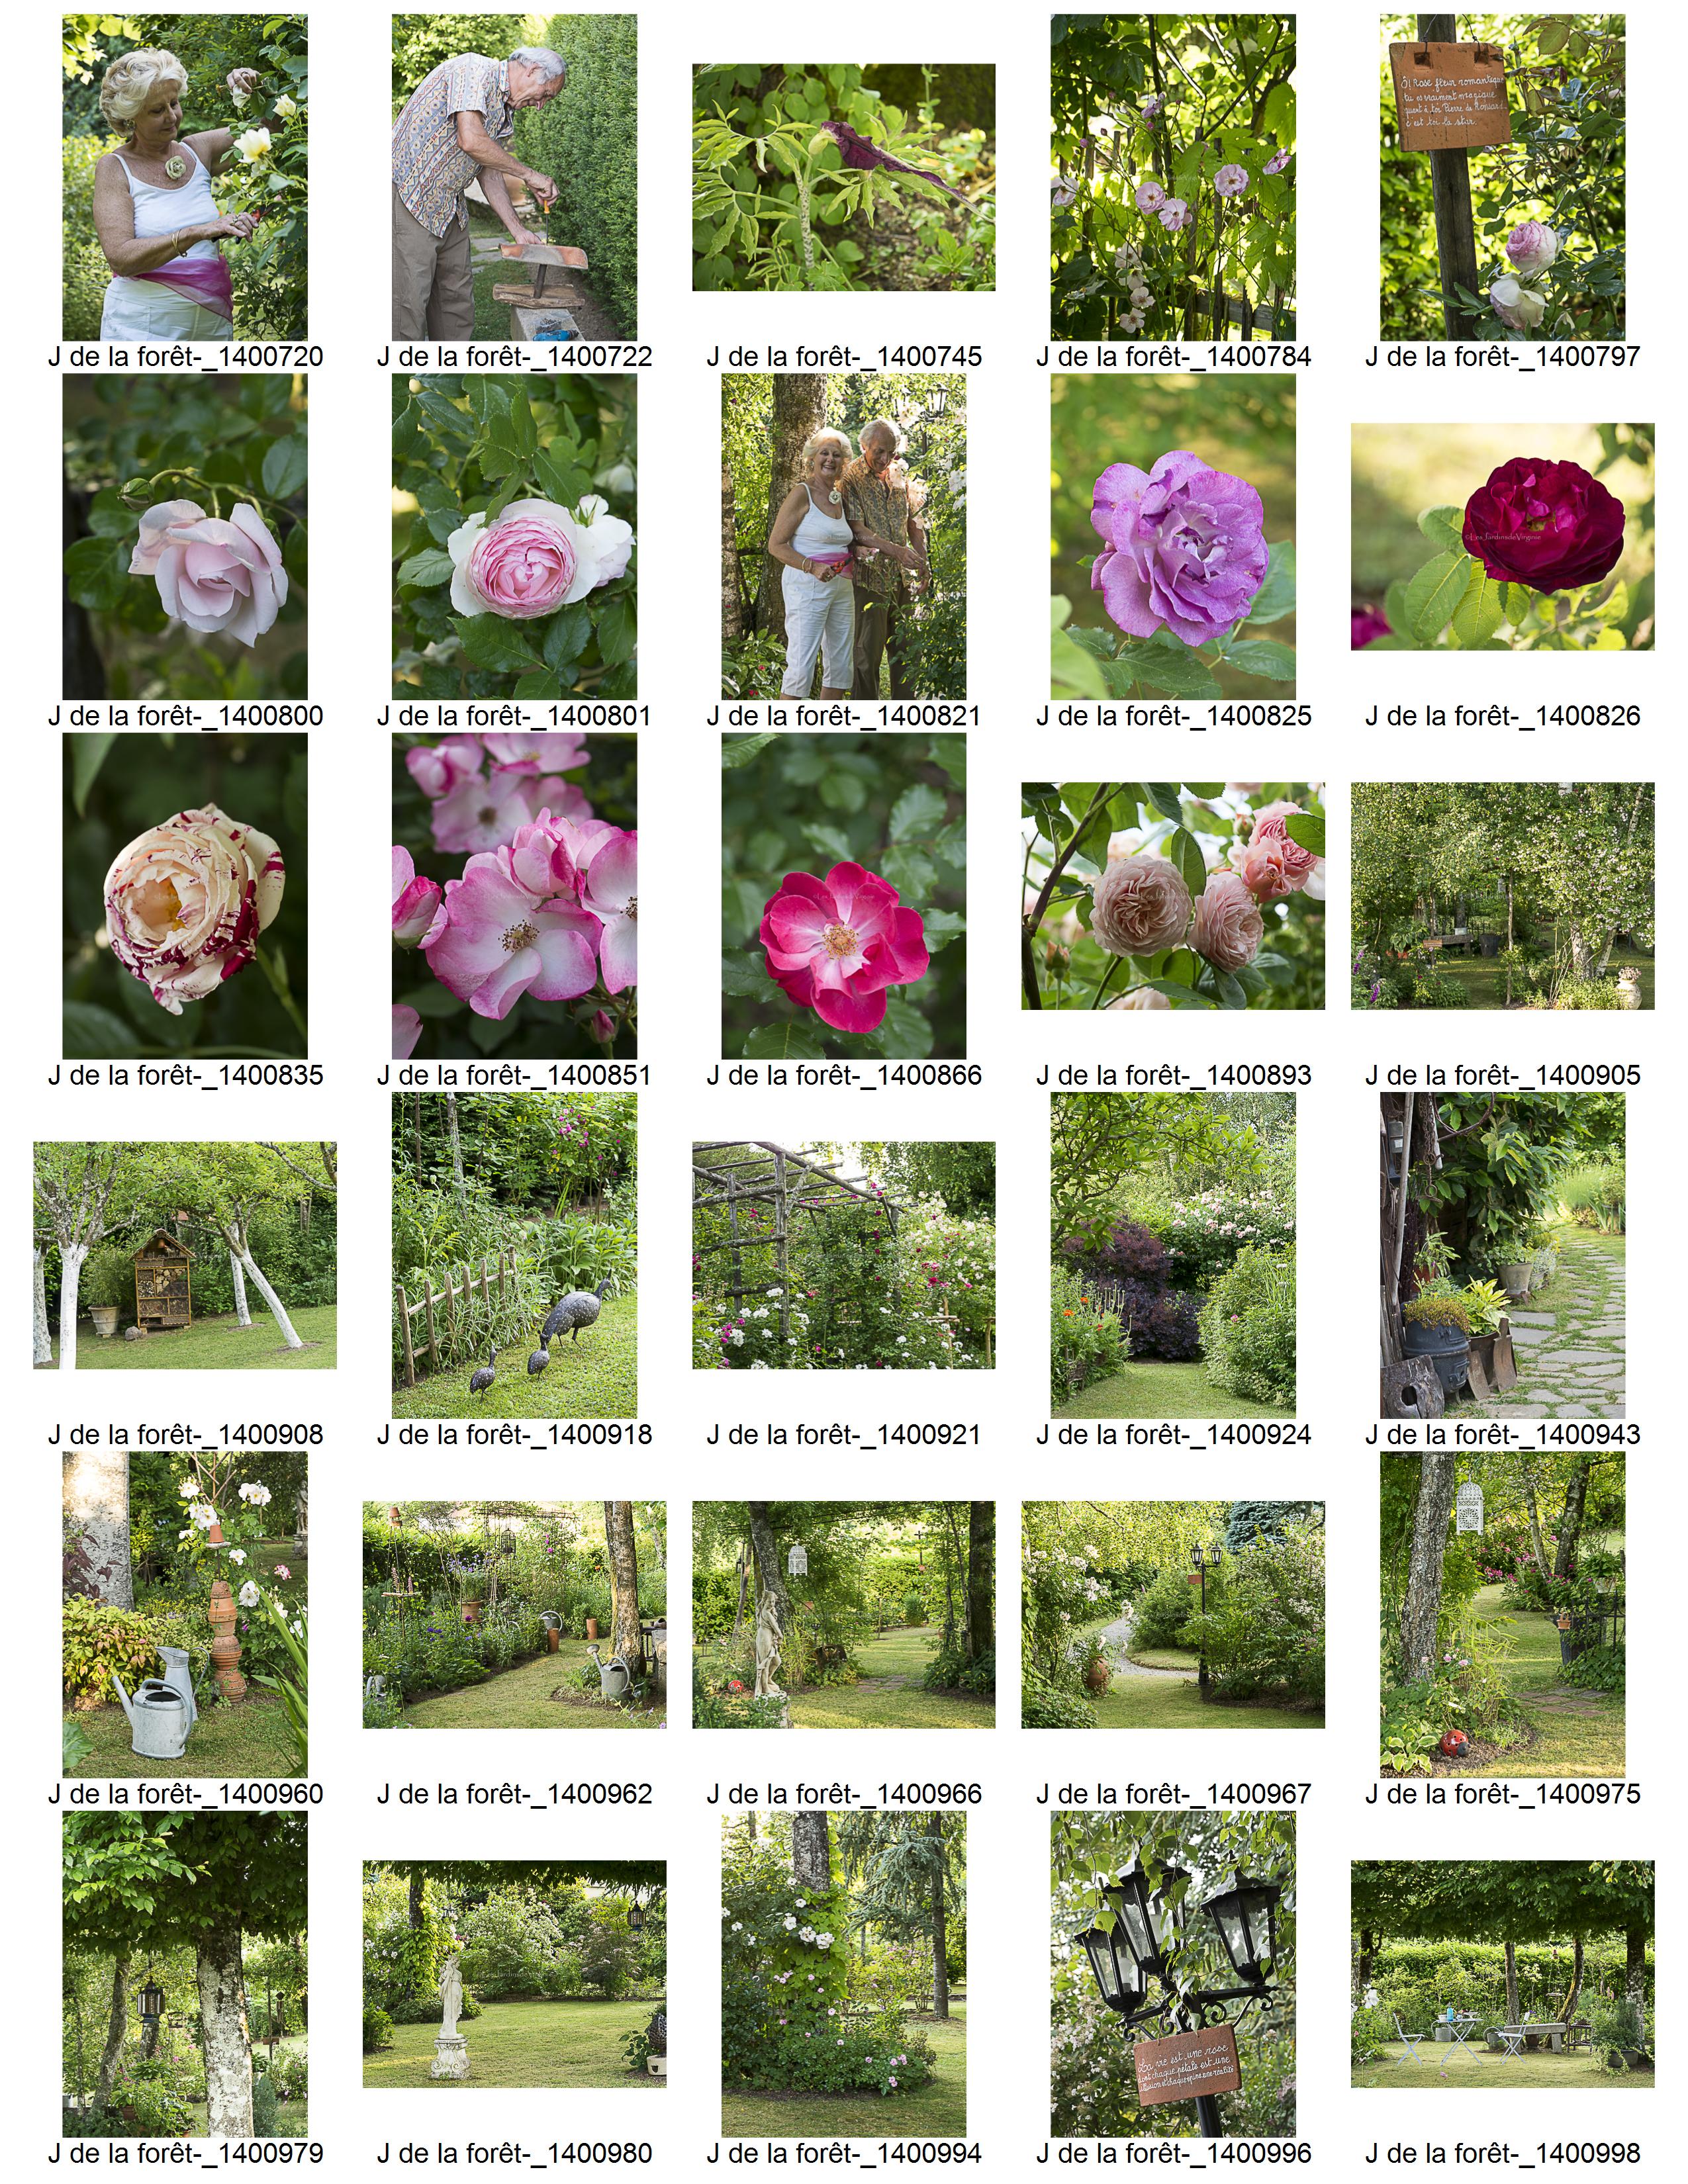 Le jardin de la forêt (87)